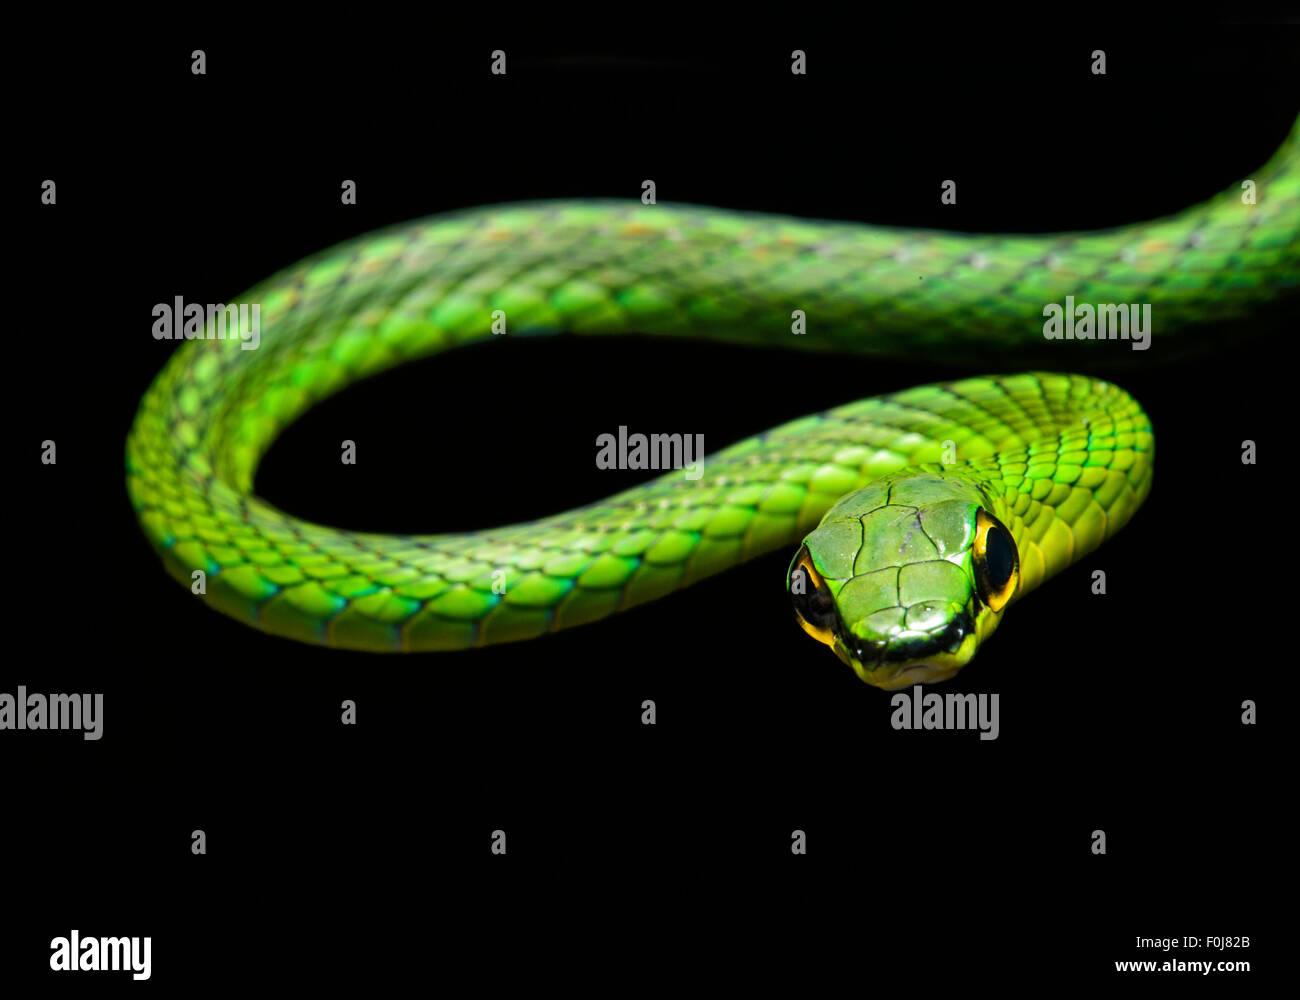 La serpent de vigne (Oxybelis brevirostris), snake (Colubridae), Chocó rainforest, Équateur Banque D'Images